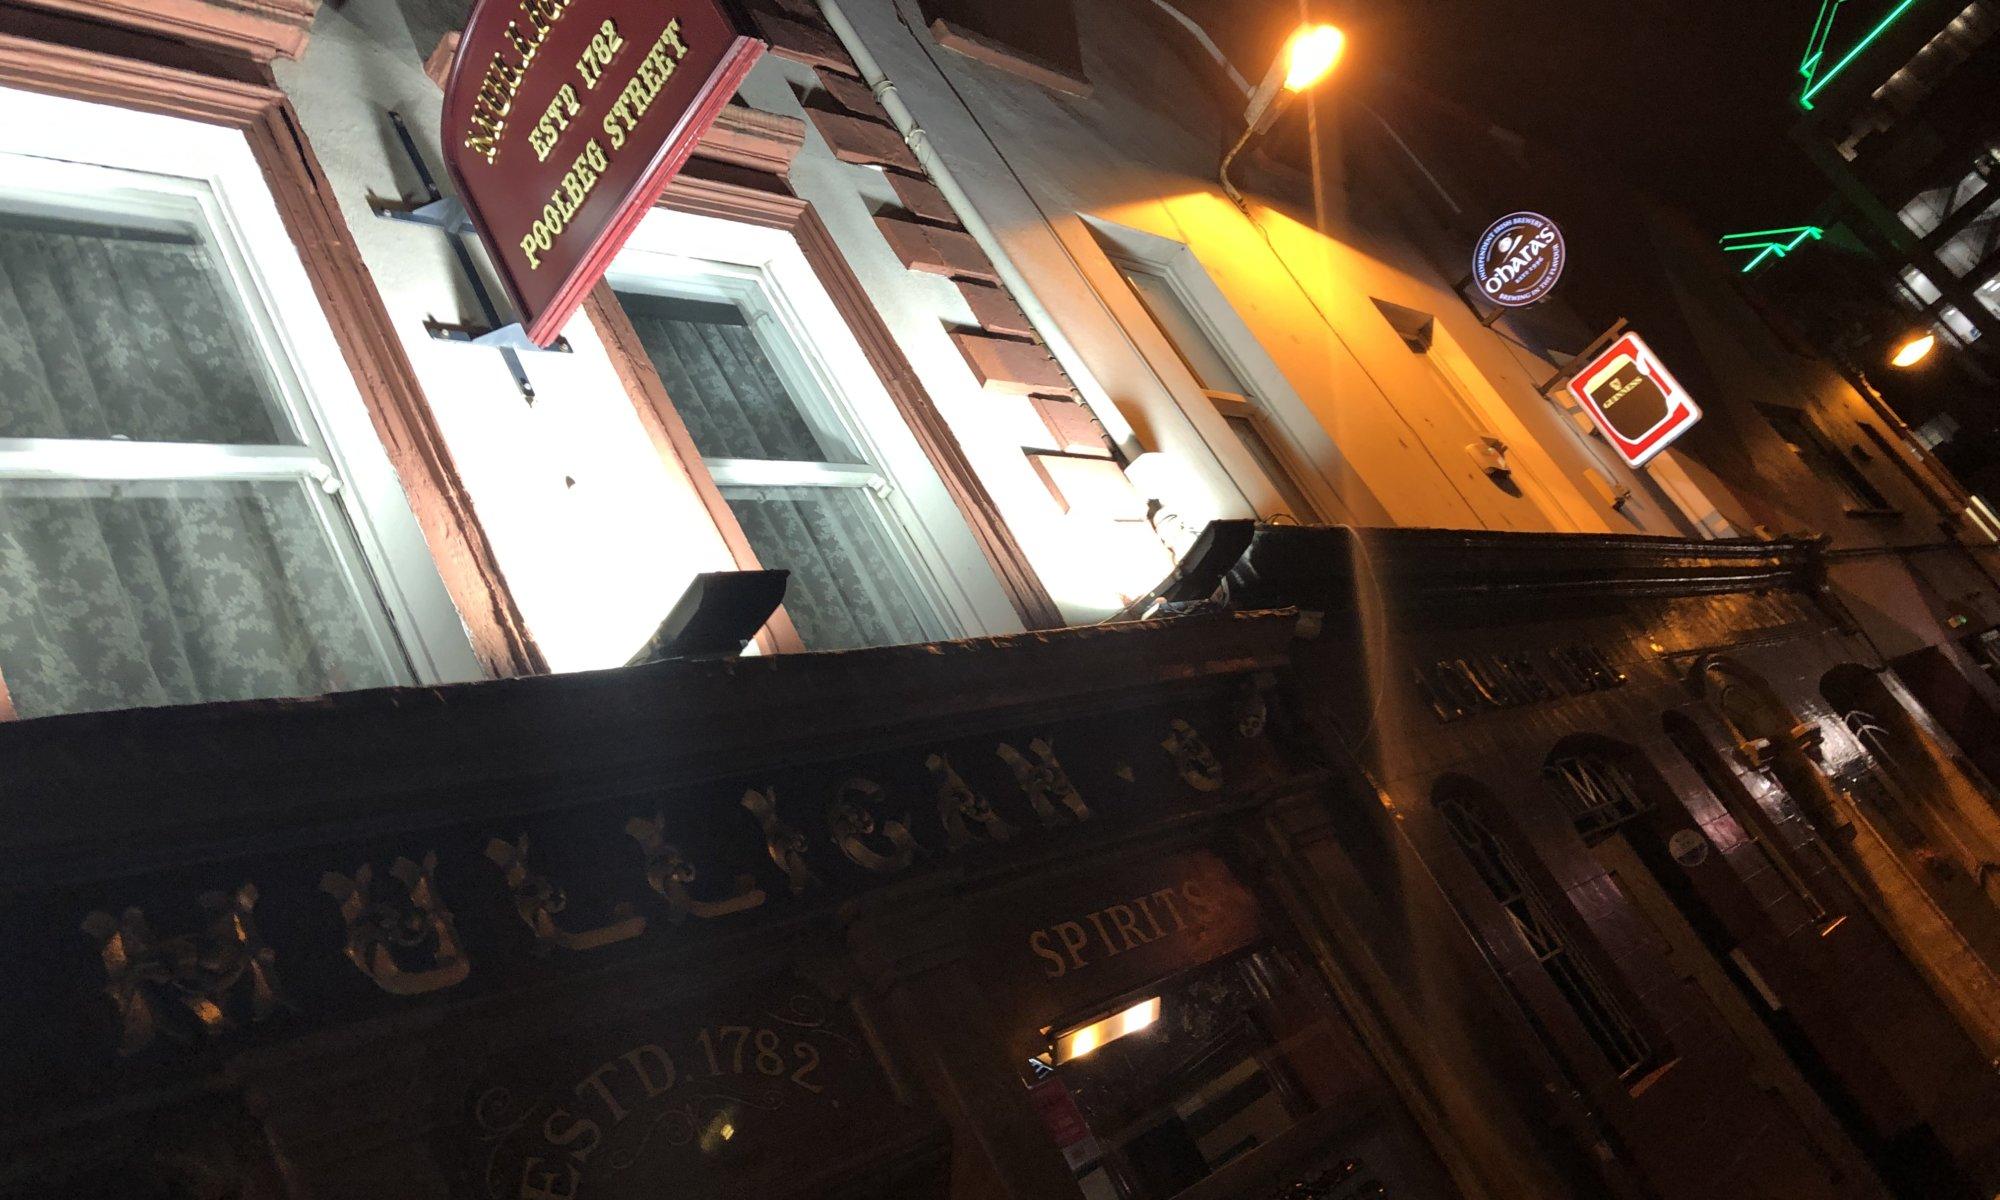 Mulligans, Dublin